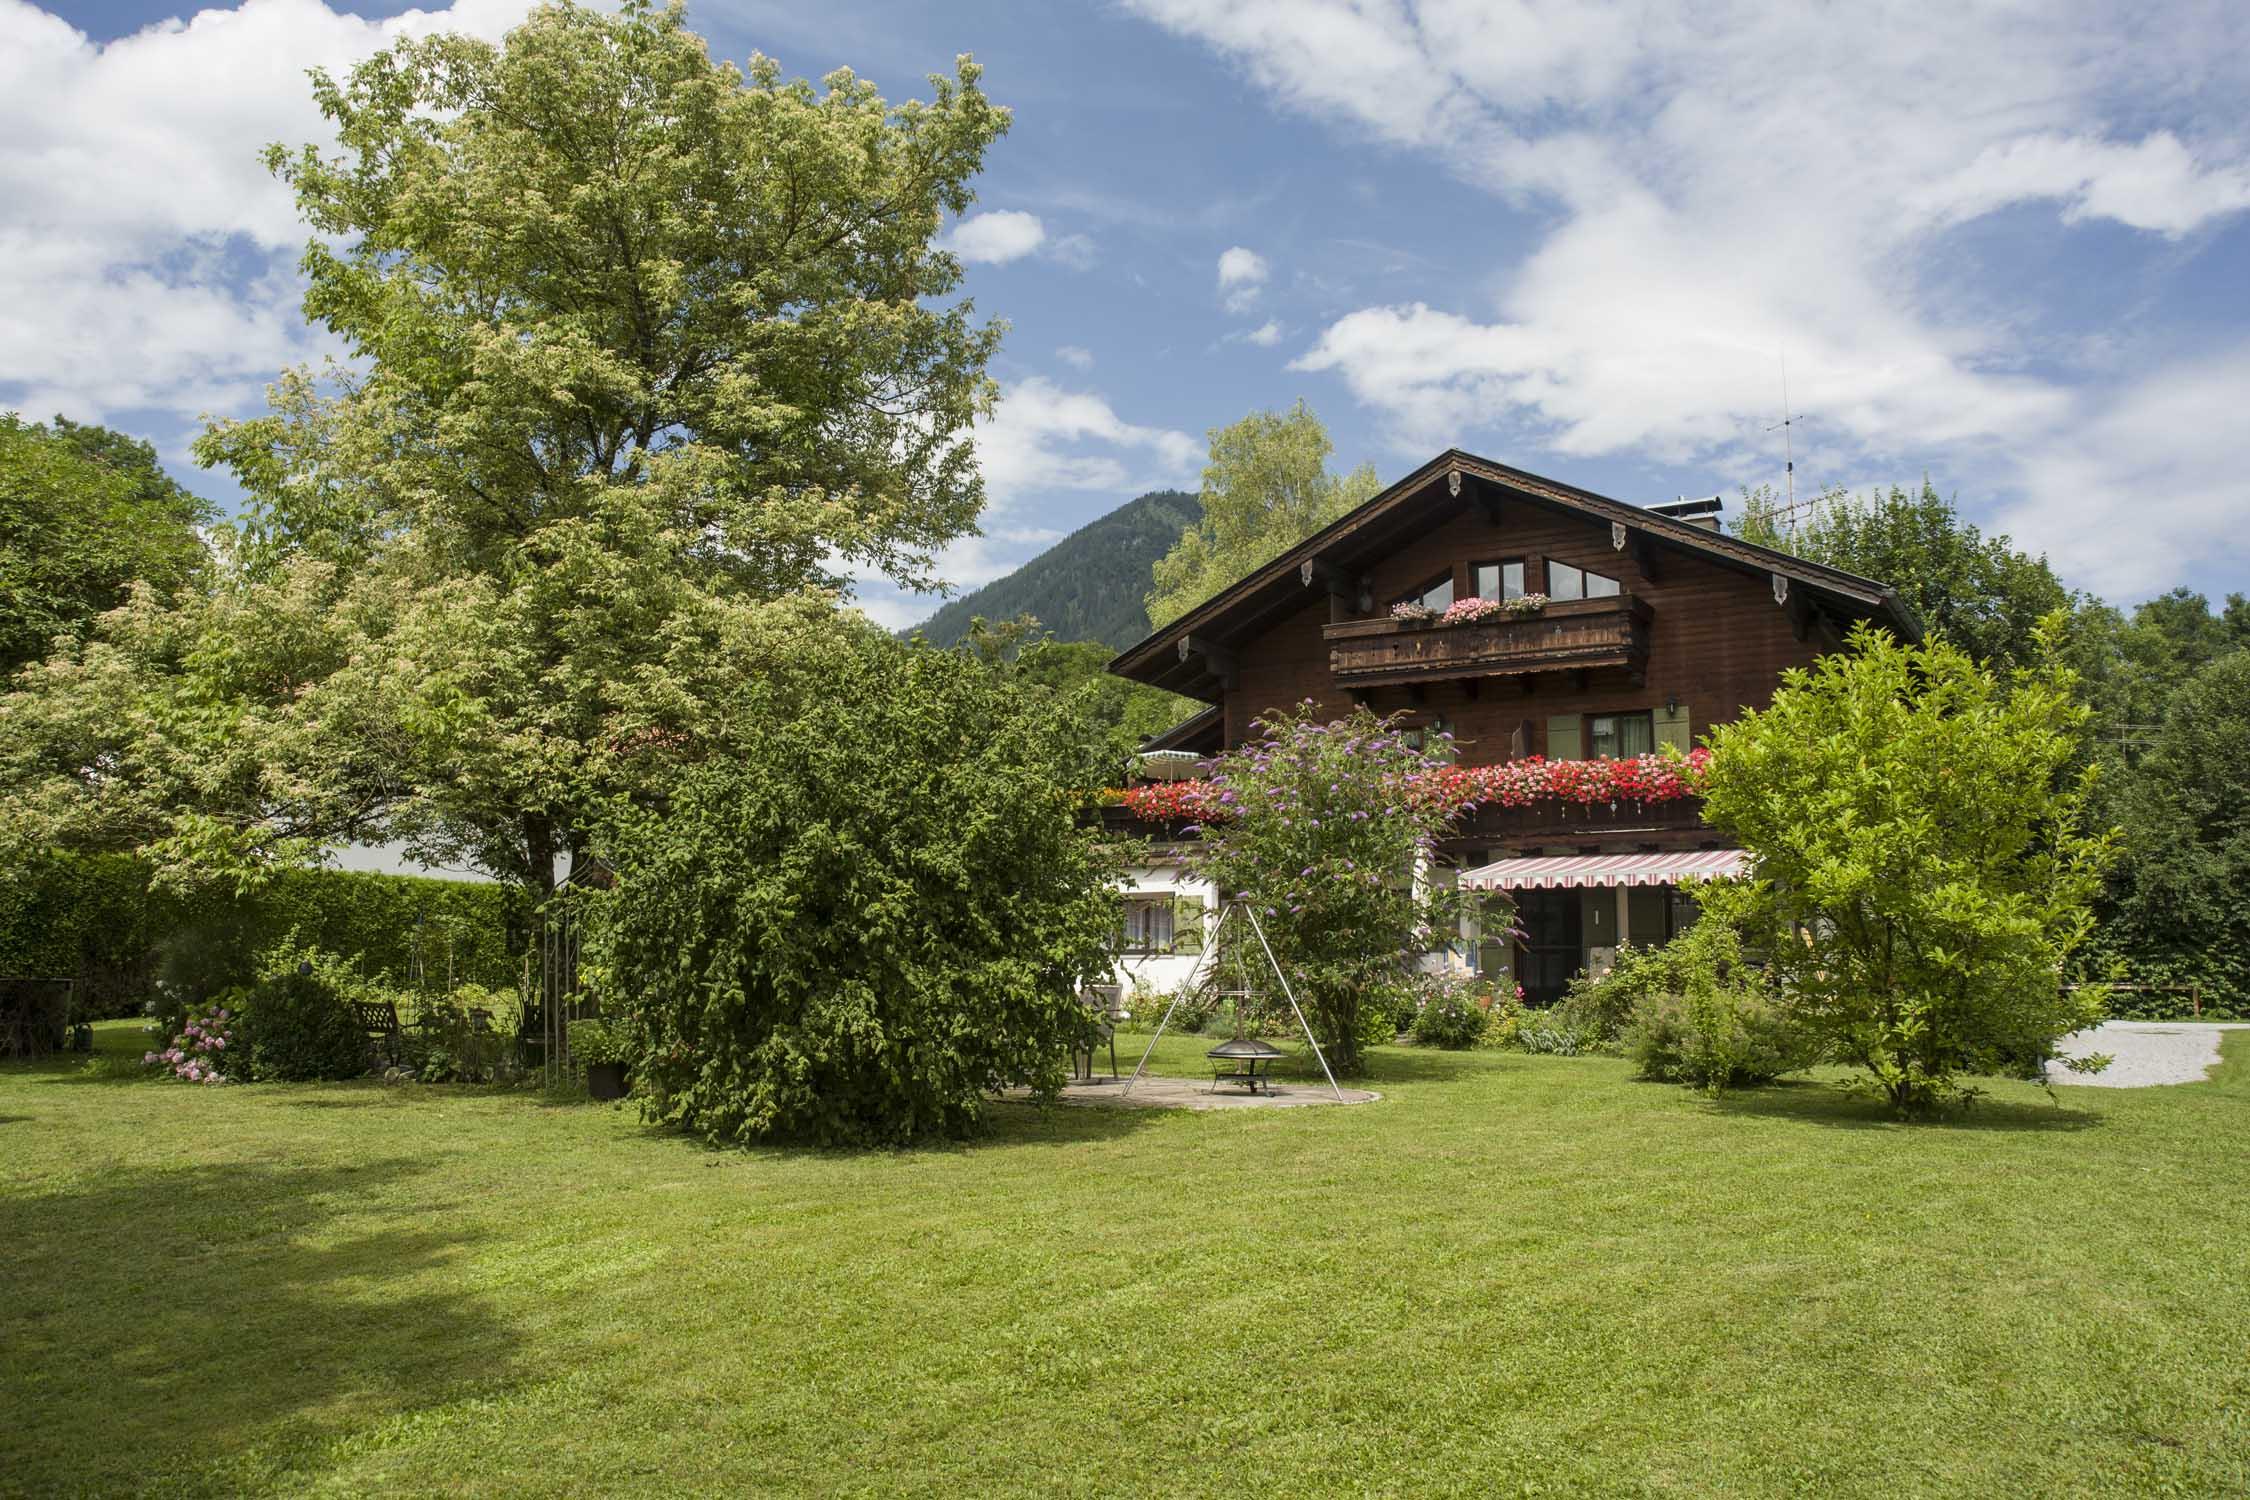 Ferienwohnung Haus Enzian (DE Oberaudorf). 1-Zimmer Ferienwohnung 35qm (709911), Oberaudorf, Chiemgau, Bayern, Deutschland, Bild 2